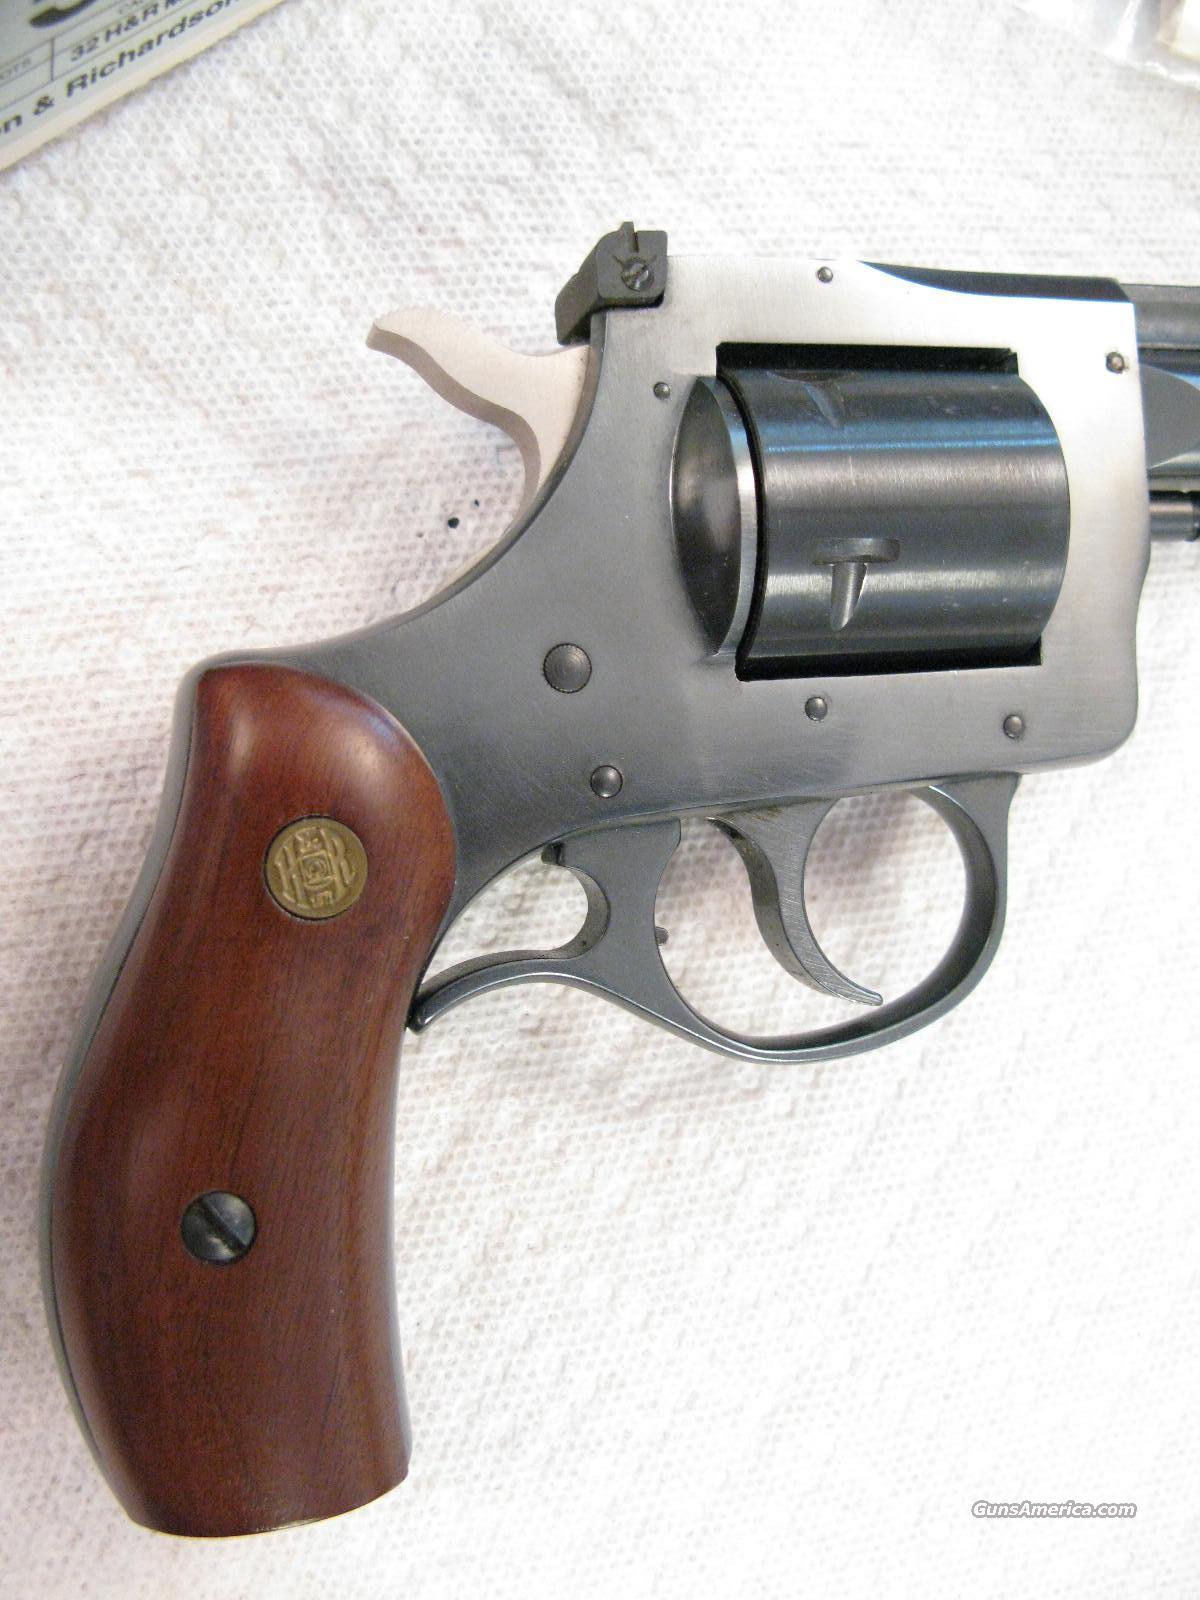 H Amp R Model 929 Owners Manual